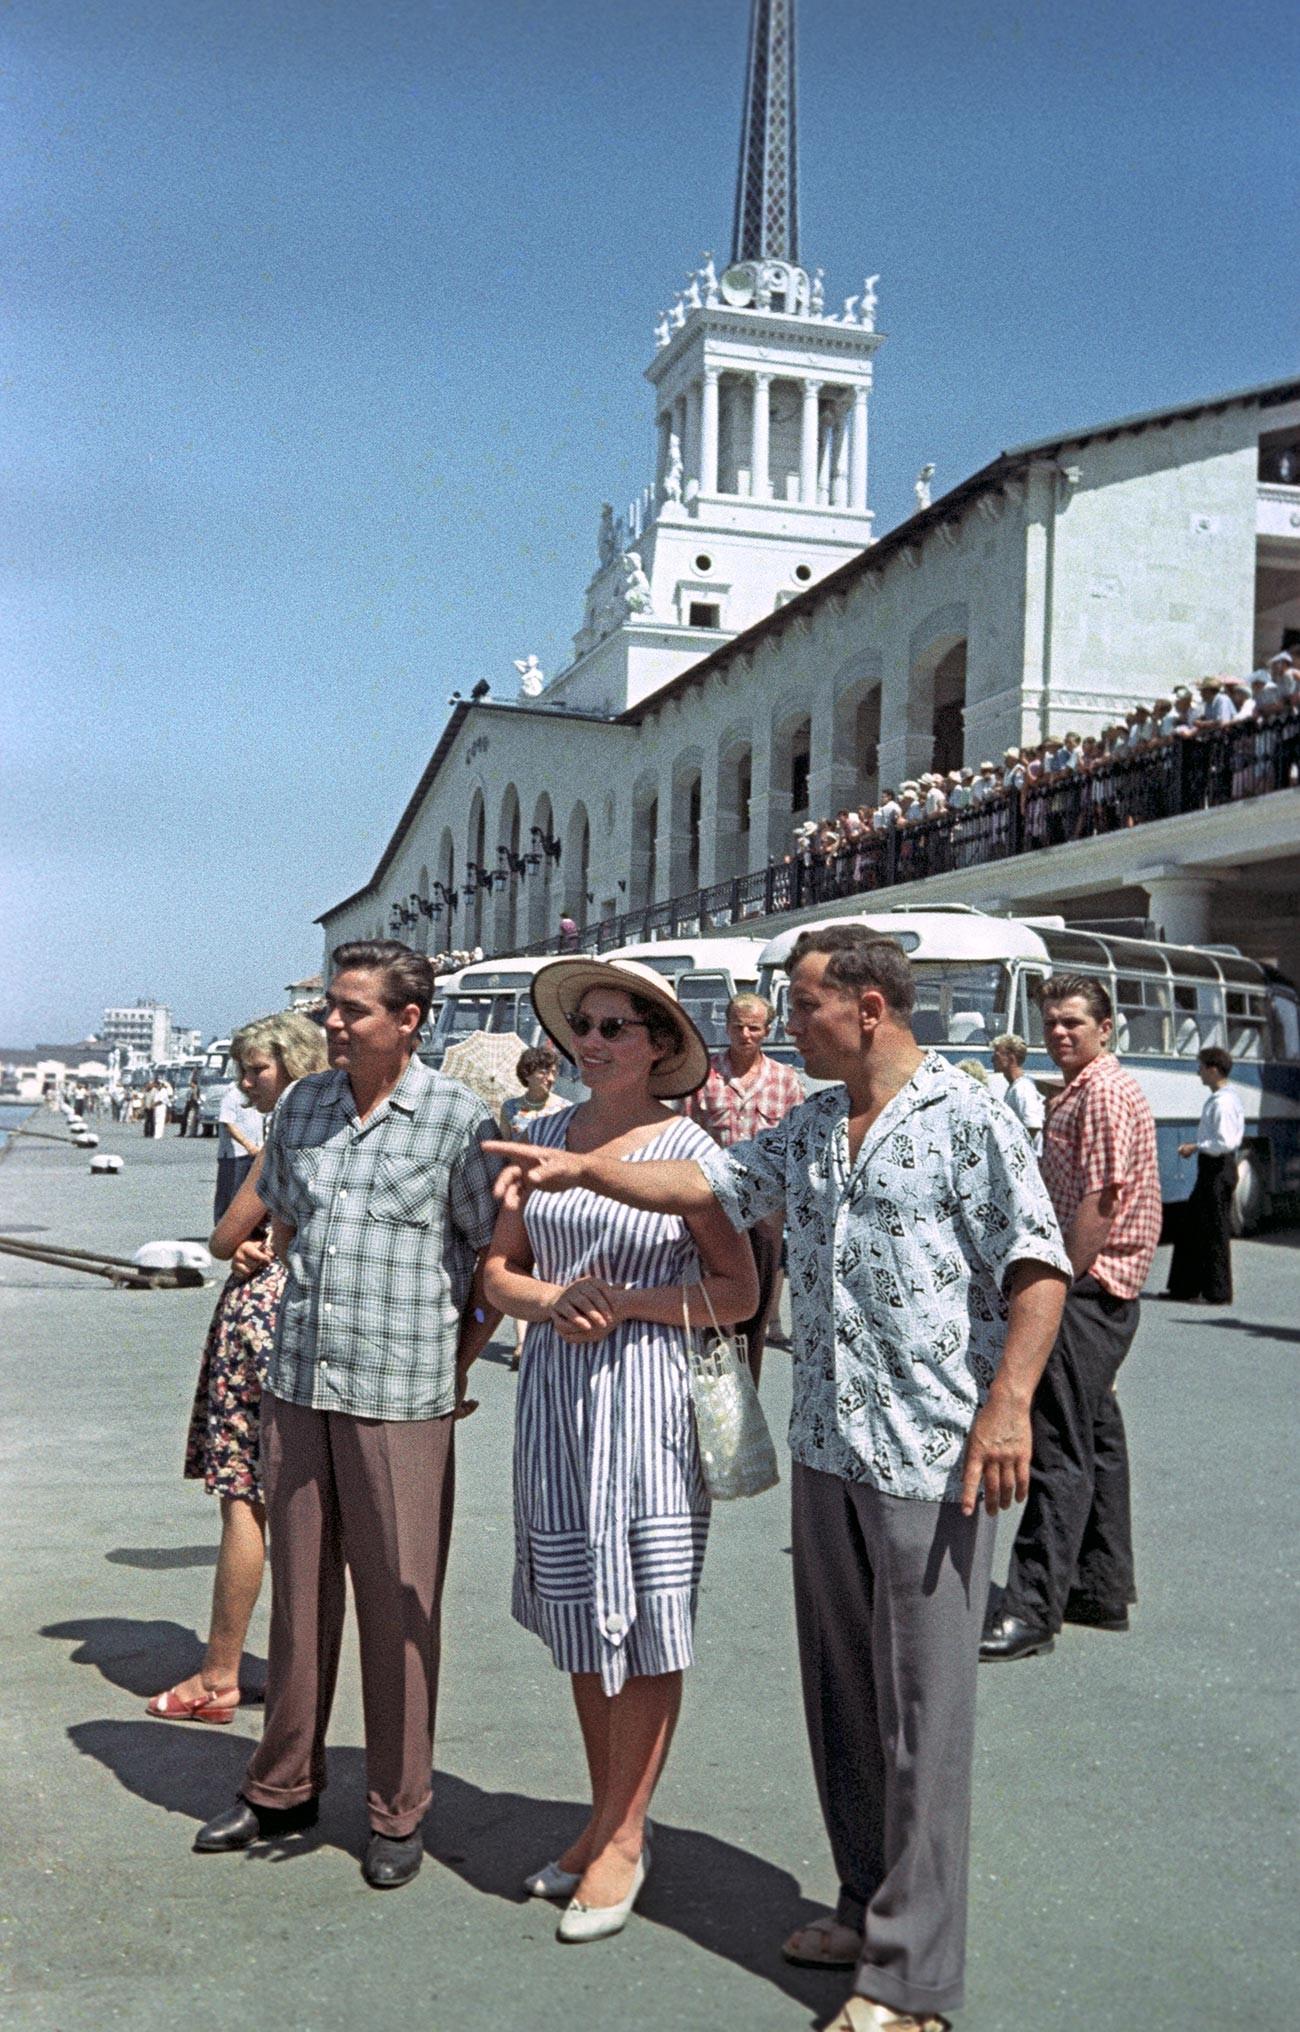 Kandidati za let u svemir Andrijan Grigorjevič Nikolajev (slijeva) i Pavel Romanovič Popovič sa suprugom Marinom Lavrentjevnoj ispred riječnog terminala u Sočiju. Od 11. do 15. kolovoza 1962. na brodovima